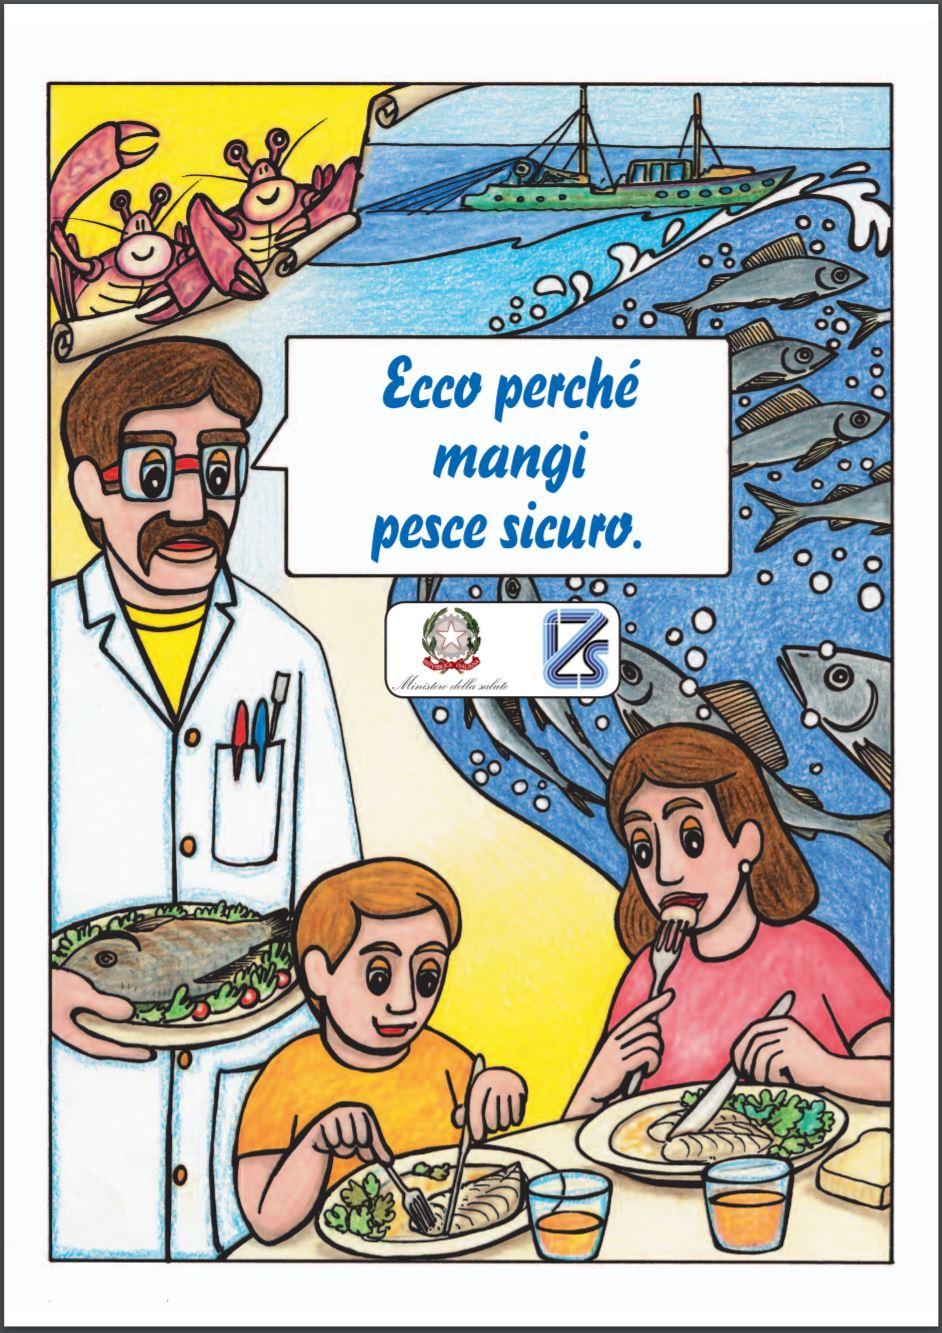 Perchè mangi pesce sicuro!